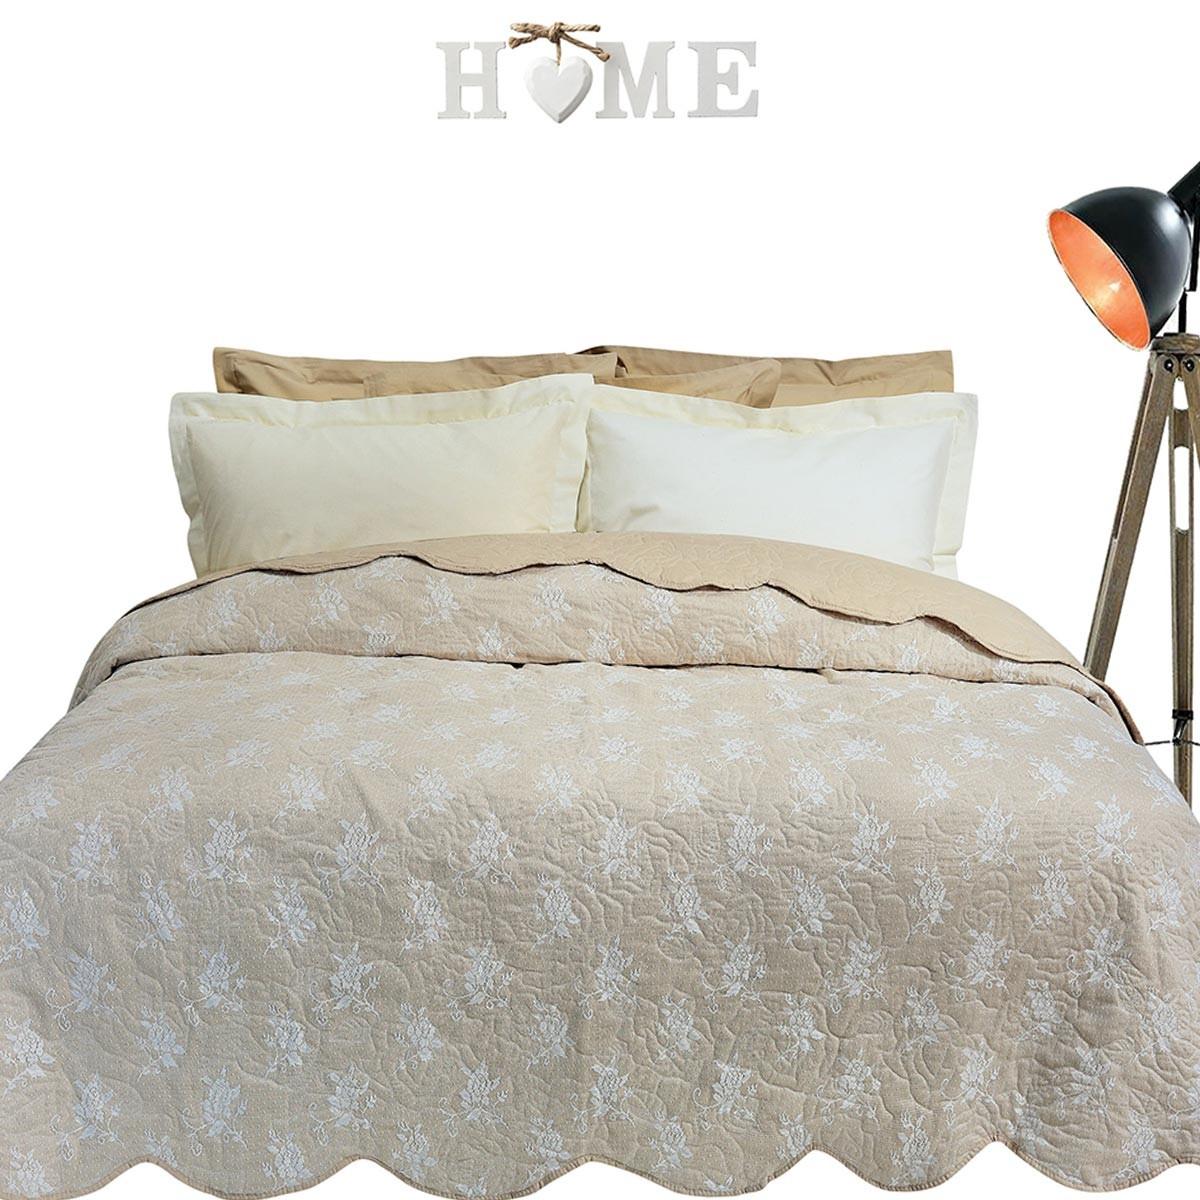 Κουβερλί Υπέρδιπλο Das Home Happy Lace 9360 Iron Free